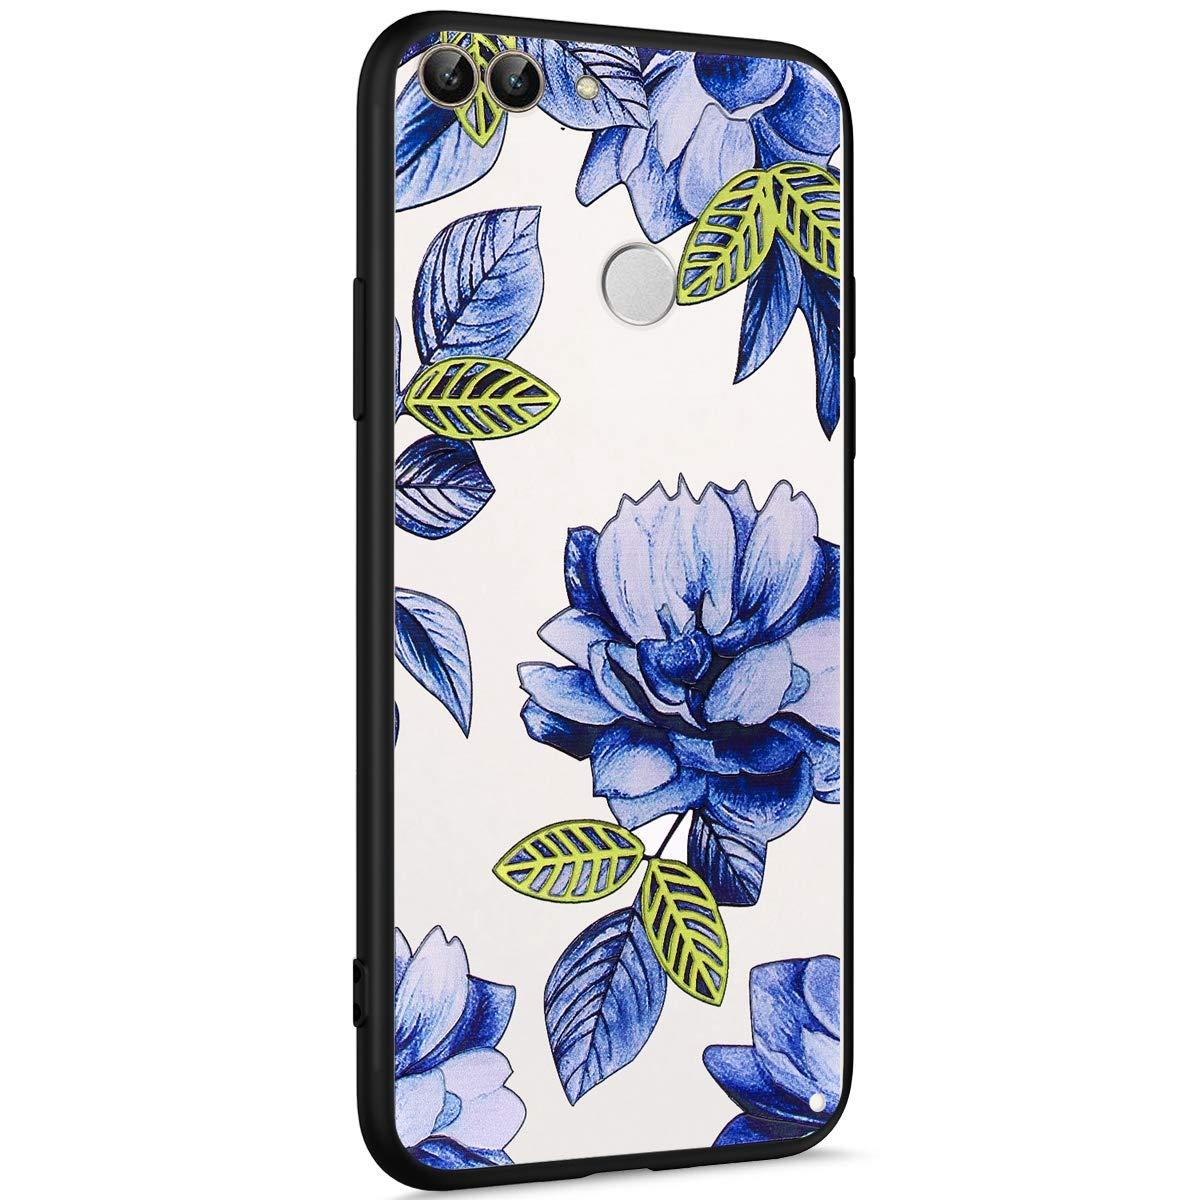 Compatibile con Cover Huawei P Smart//Huawei Enjoy 7S Custodia Silicone Morbido,Bling Brillantini Fiori Farfalla 3D Painted Pattern Bianca Silicone Cover Ultra Slim TPU e PC Anti-Scratch Case